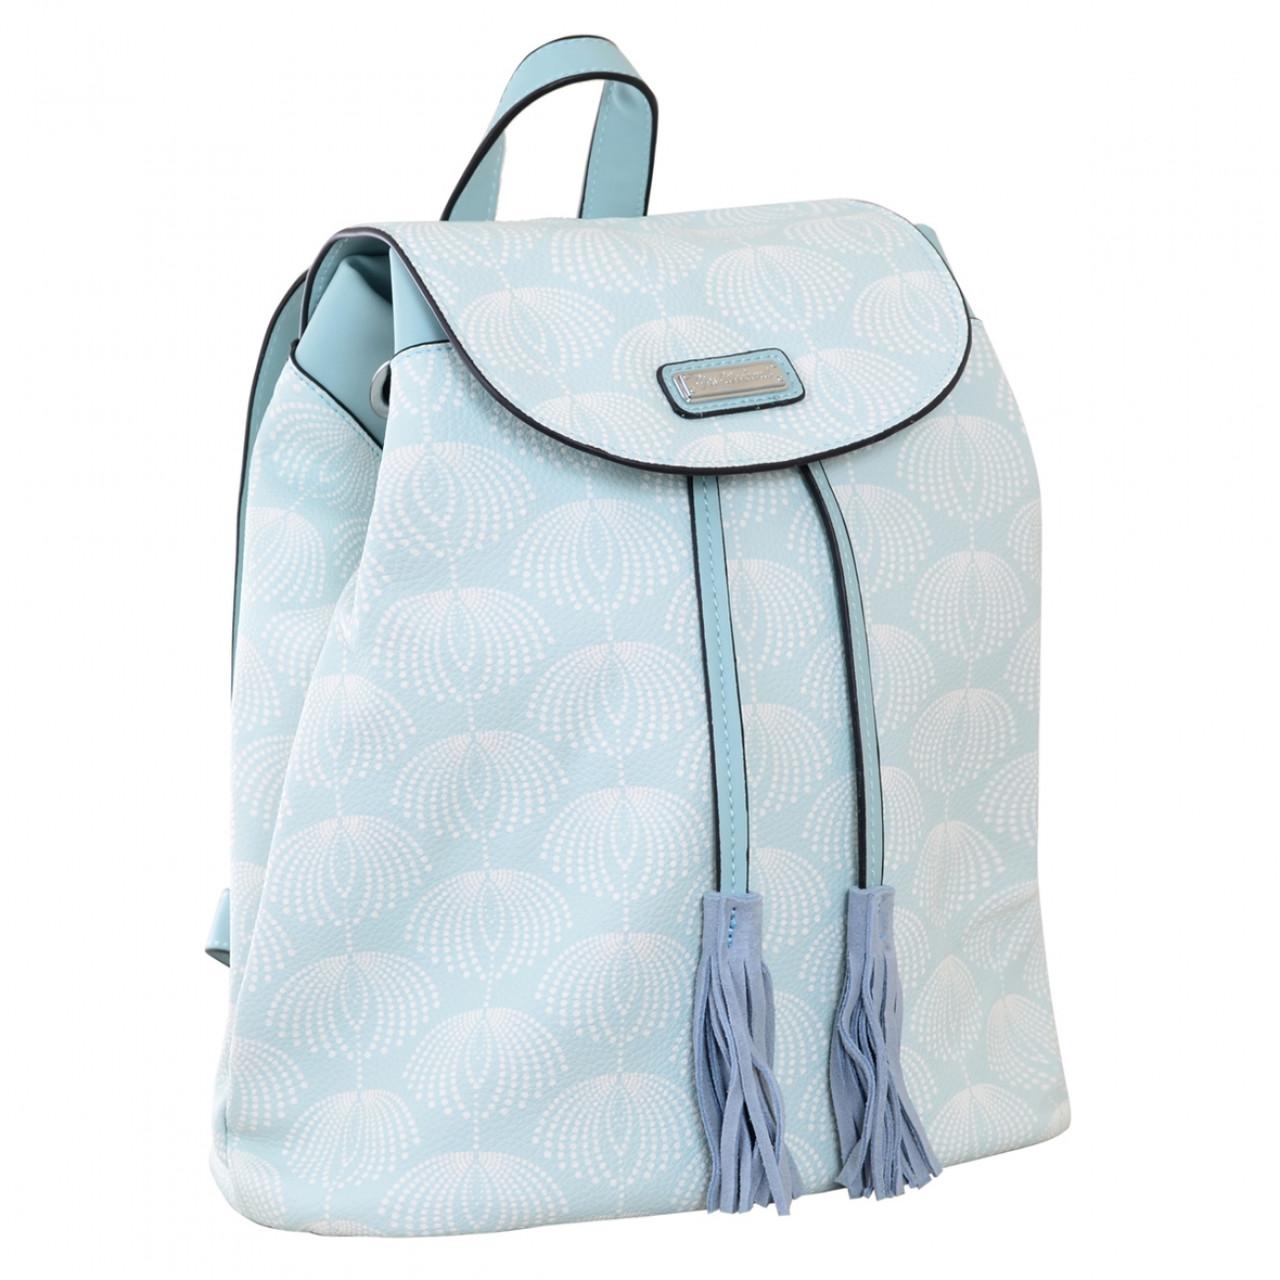 Рюкзак женский YES Weekend YW25 из экокожи 17*28.5*15 см голубой (555872)